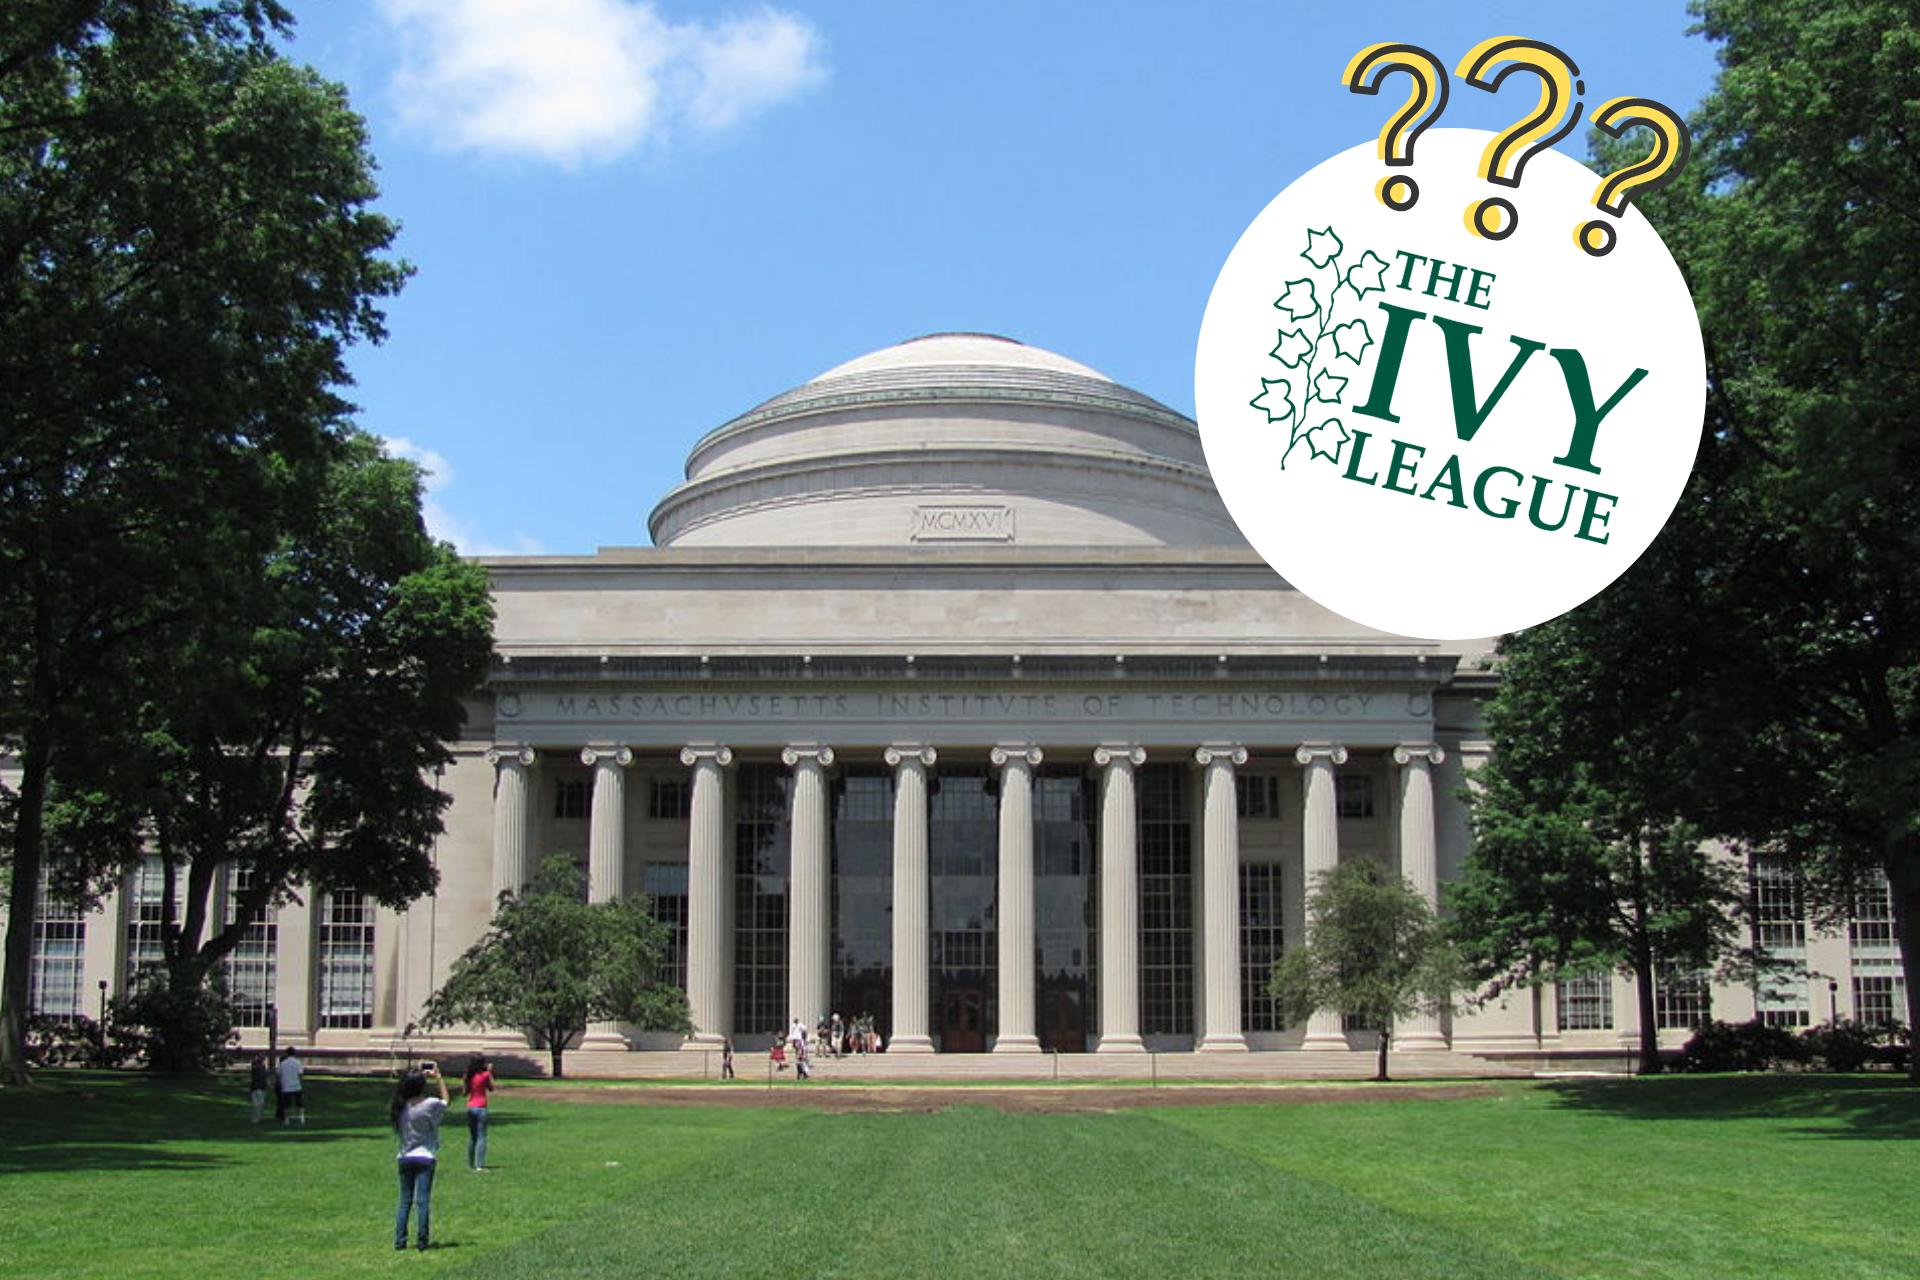 Por que o MIT não faz parte da Ivy League?